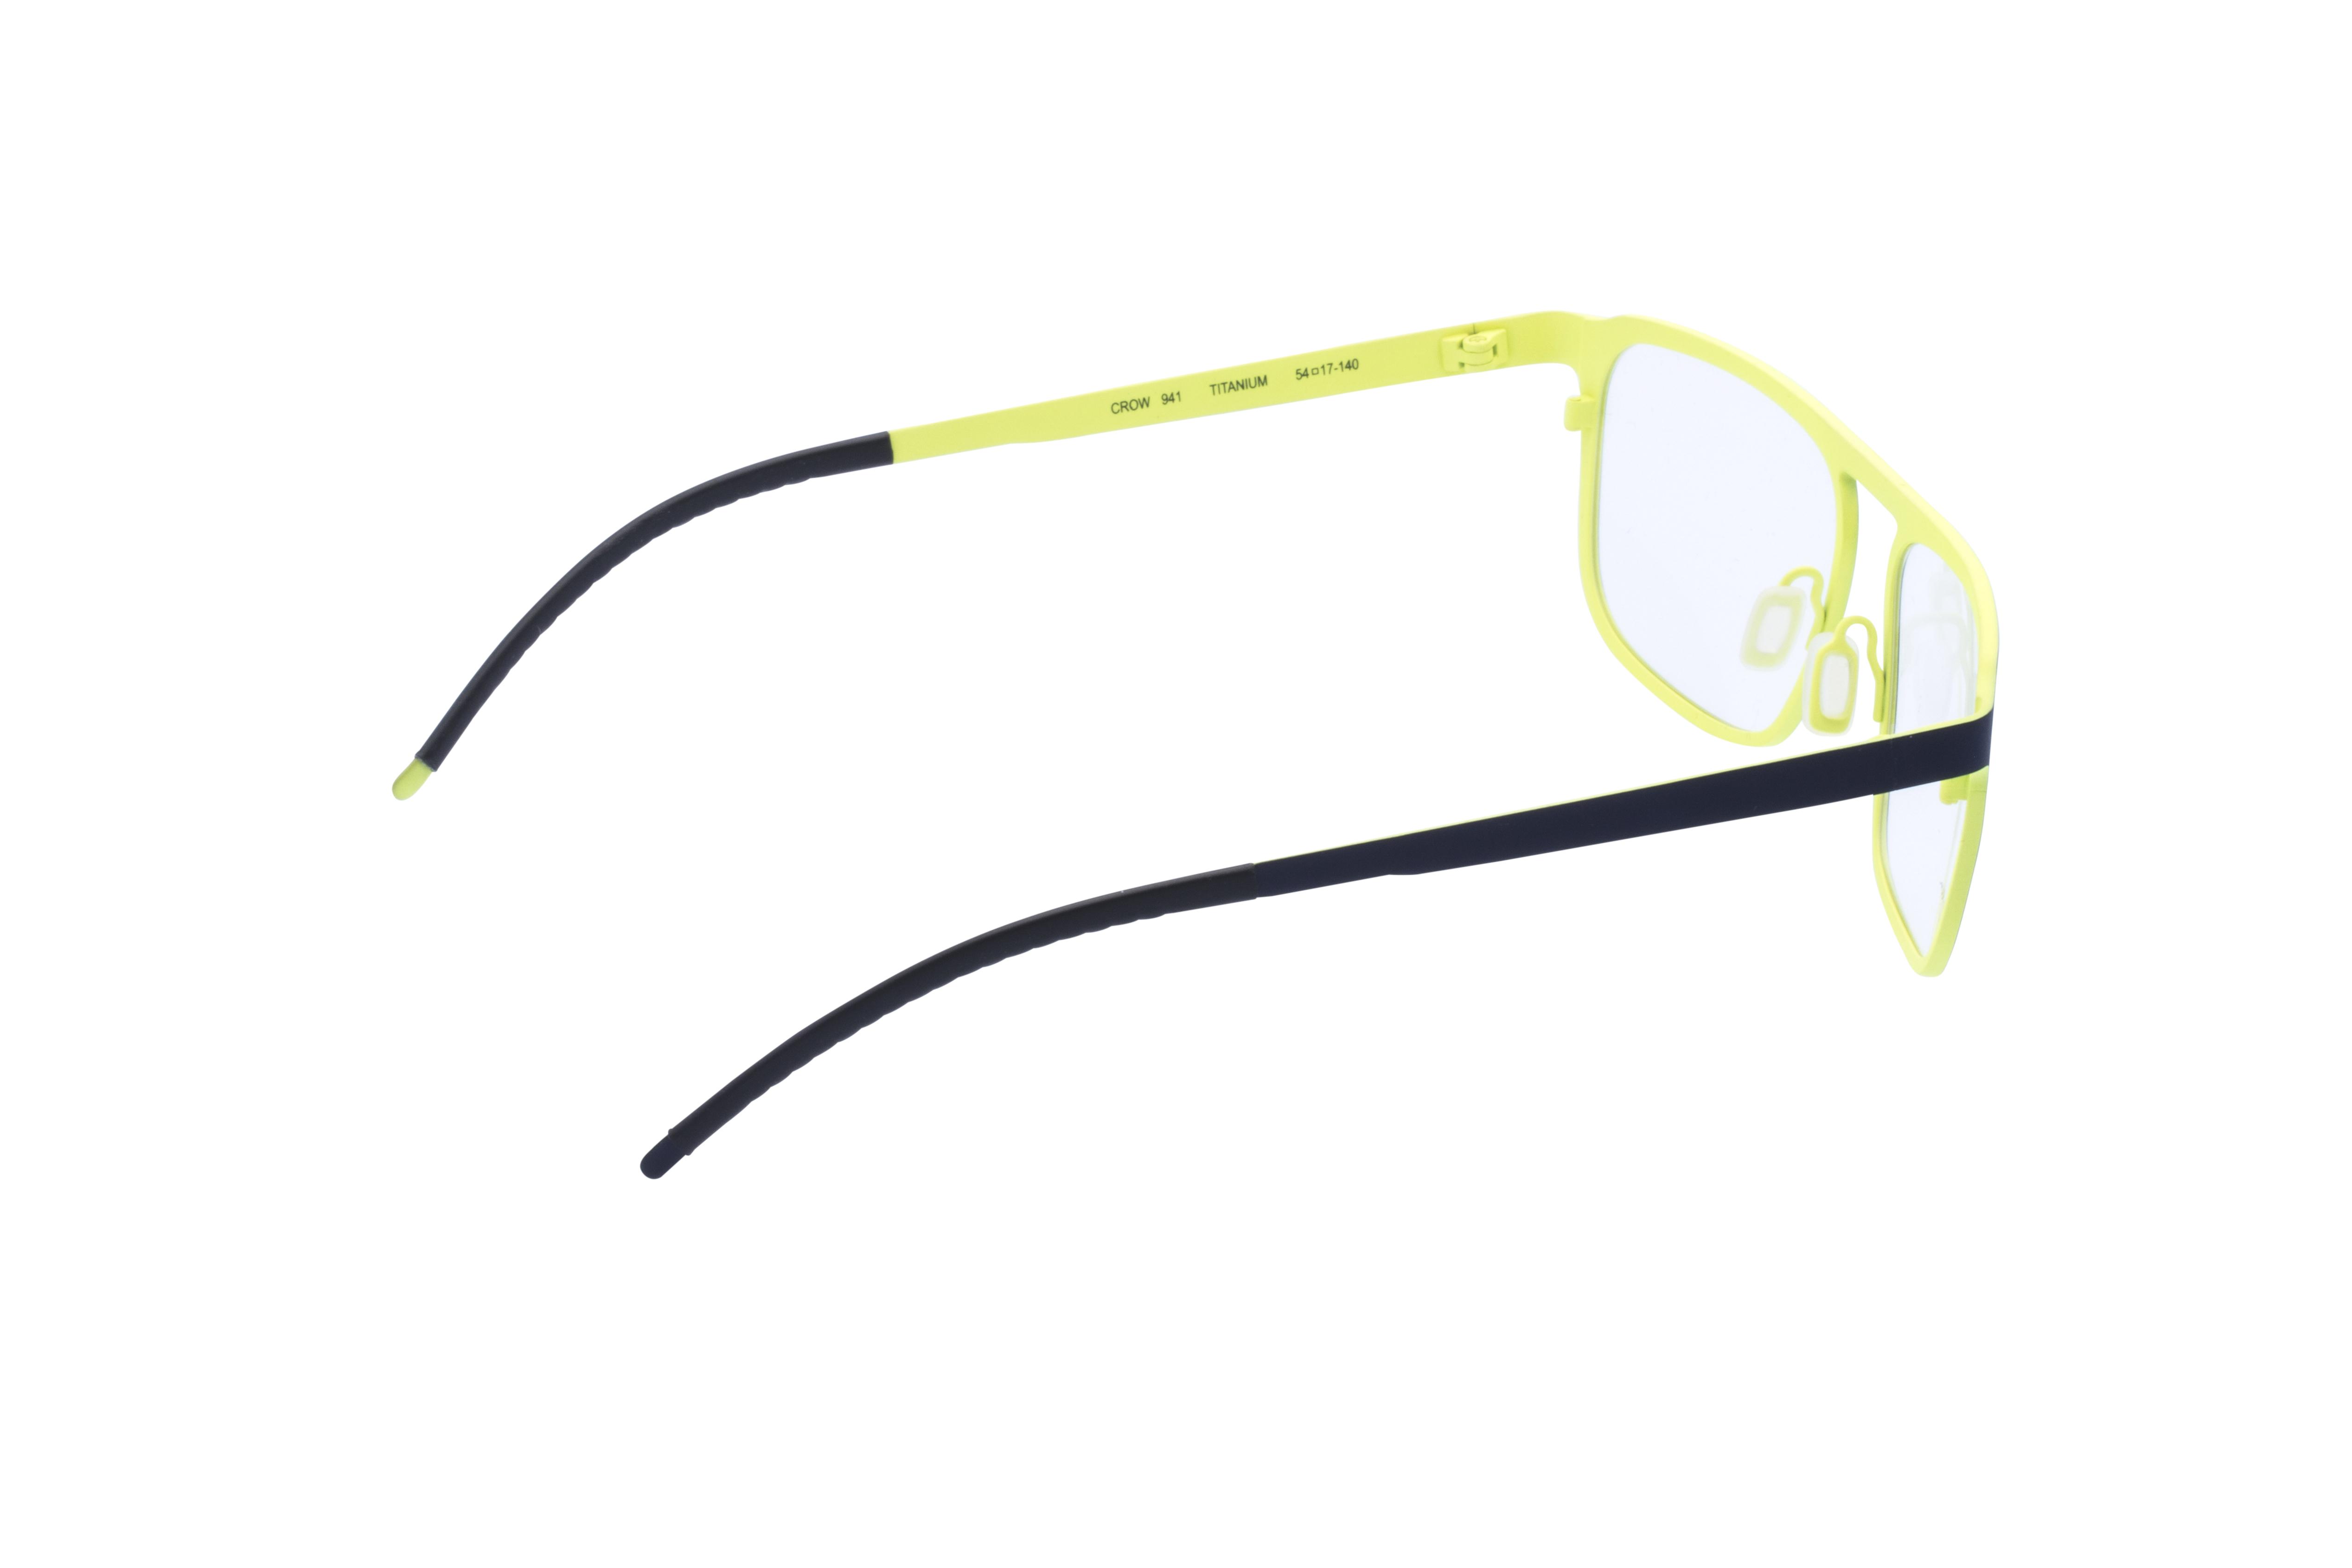 360 Grad Ansicht 7 Orgreen Crow, Brille auf Weiß - Fassung bei KUNK